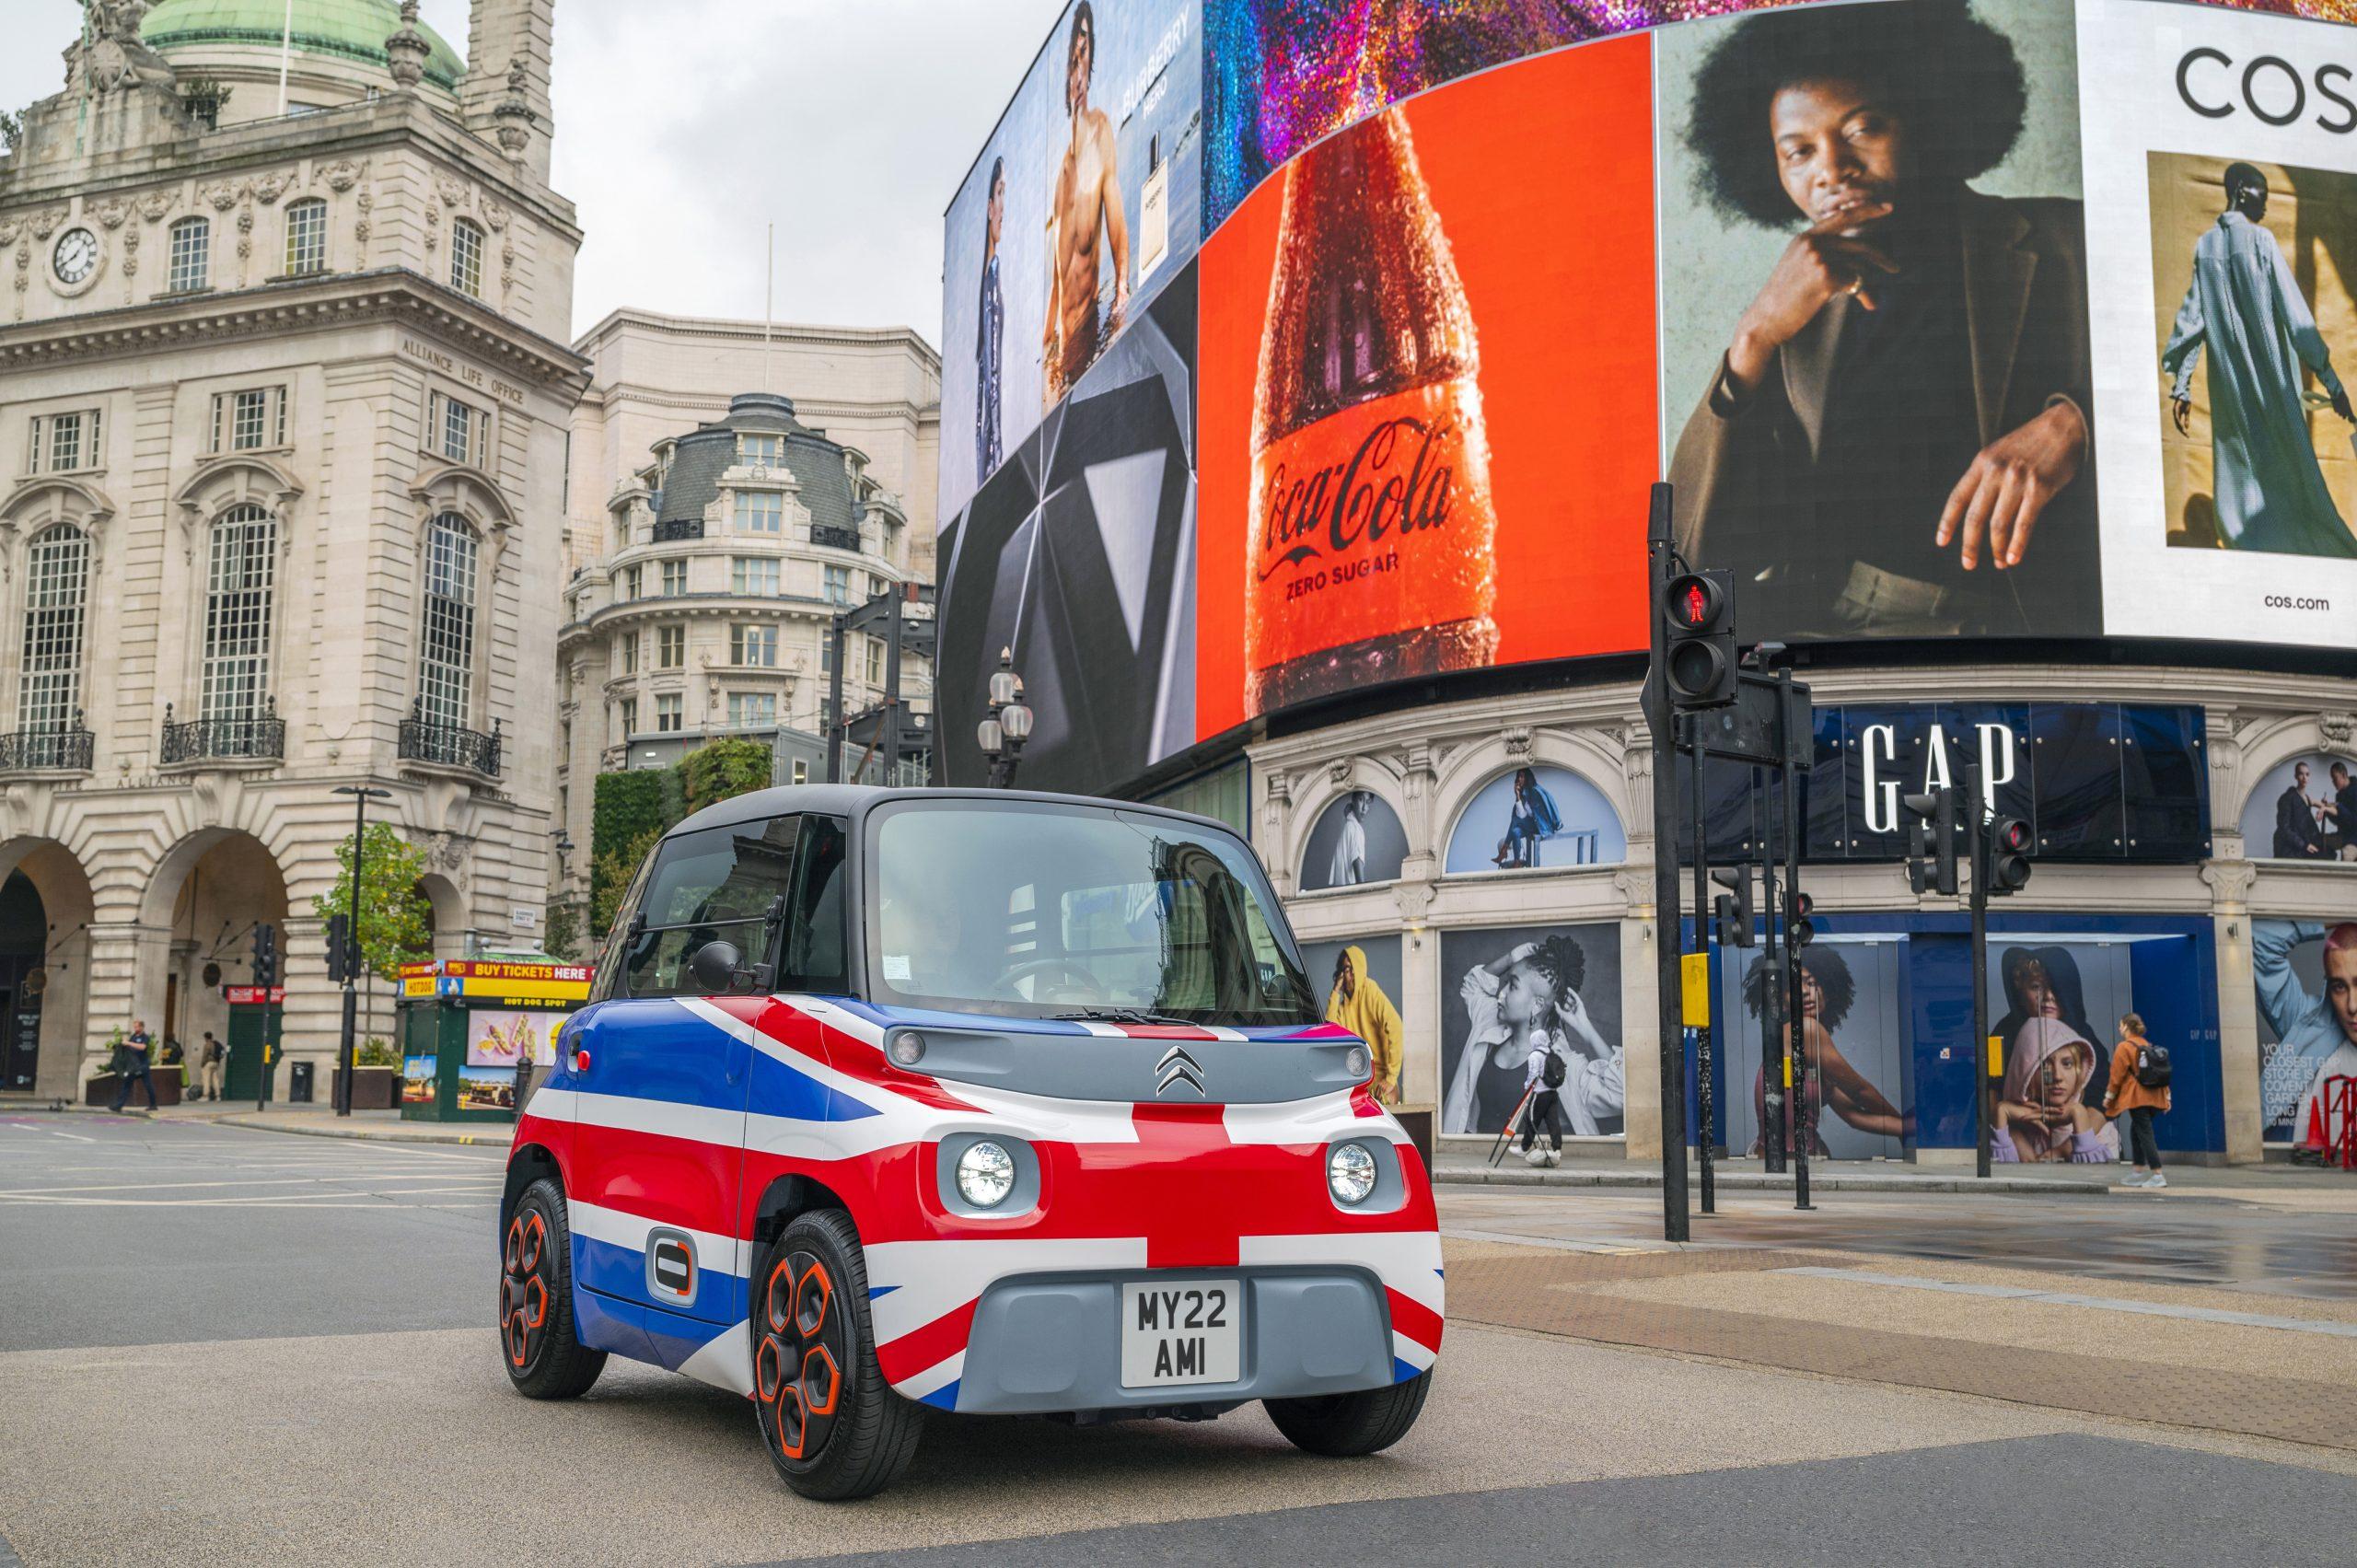 citroen small kei car london electric main street billboards